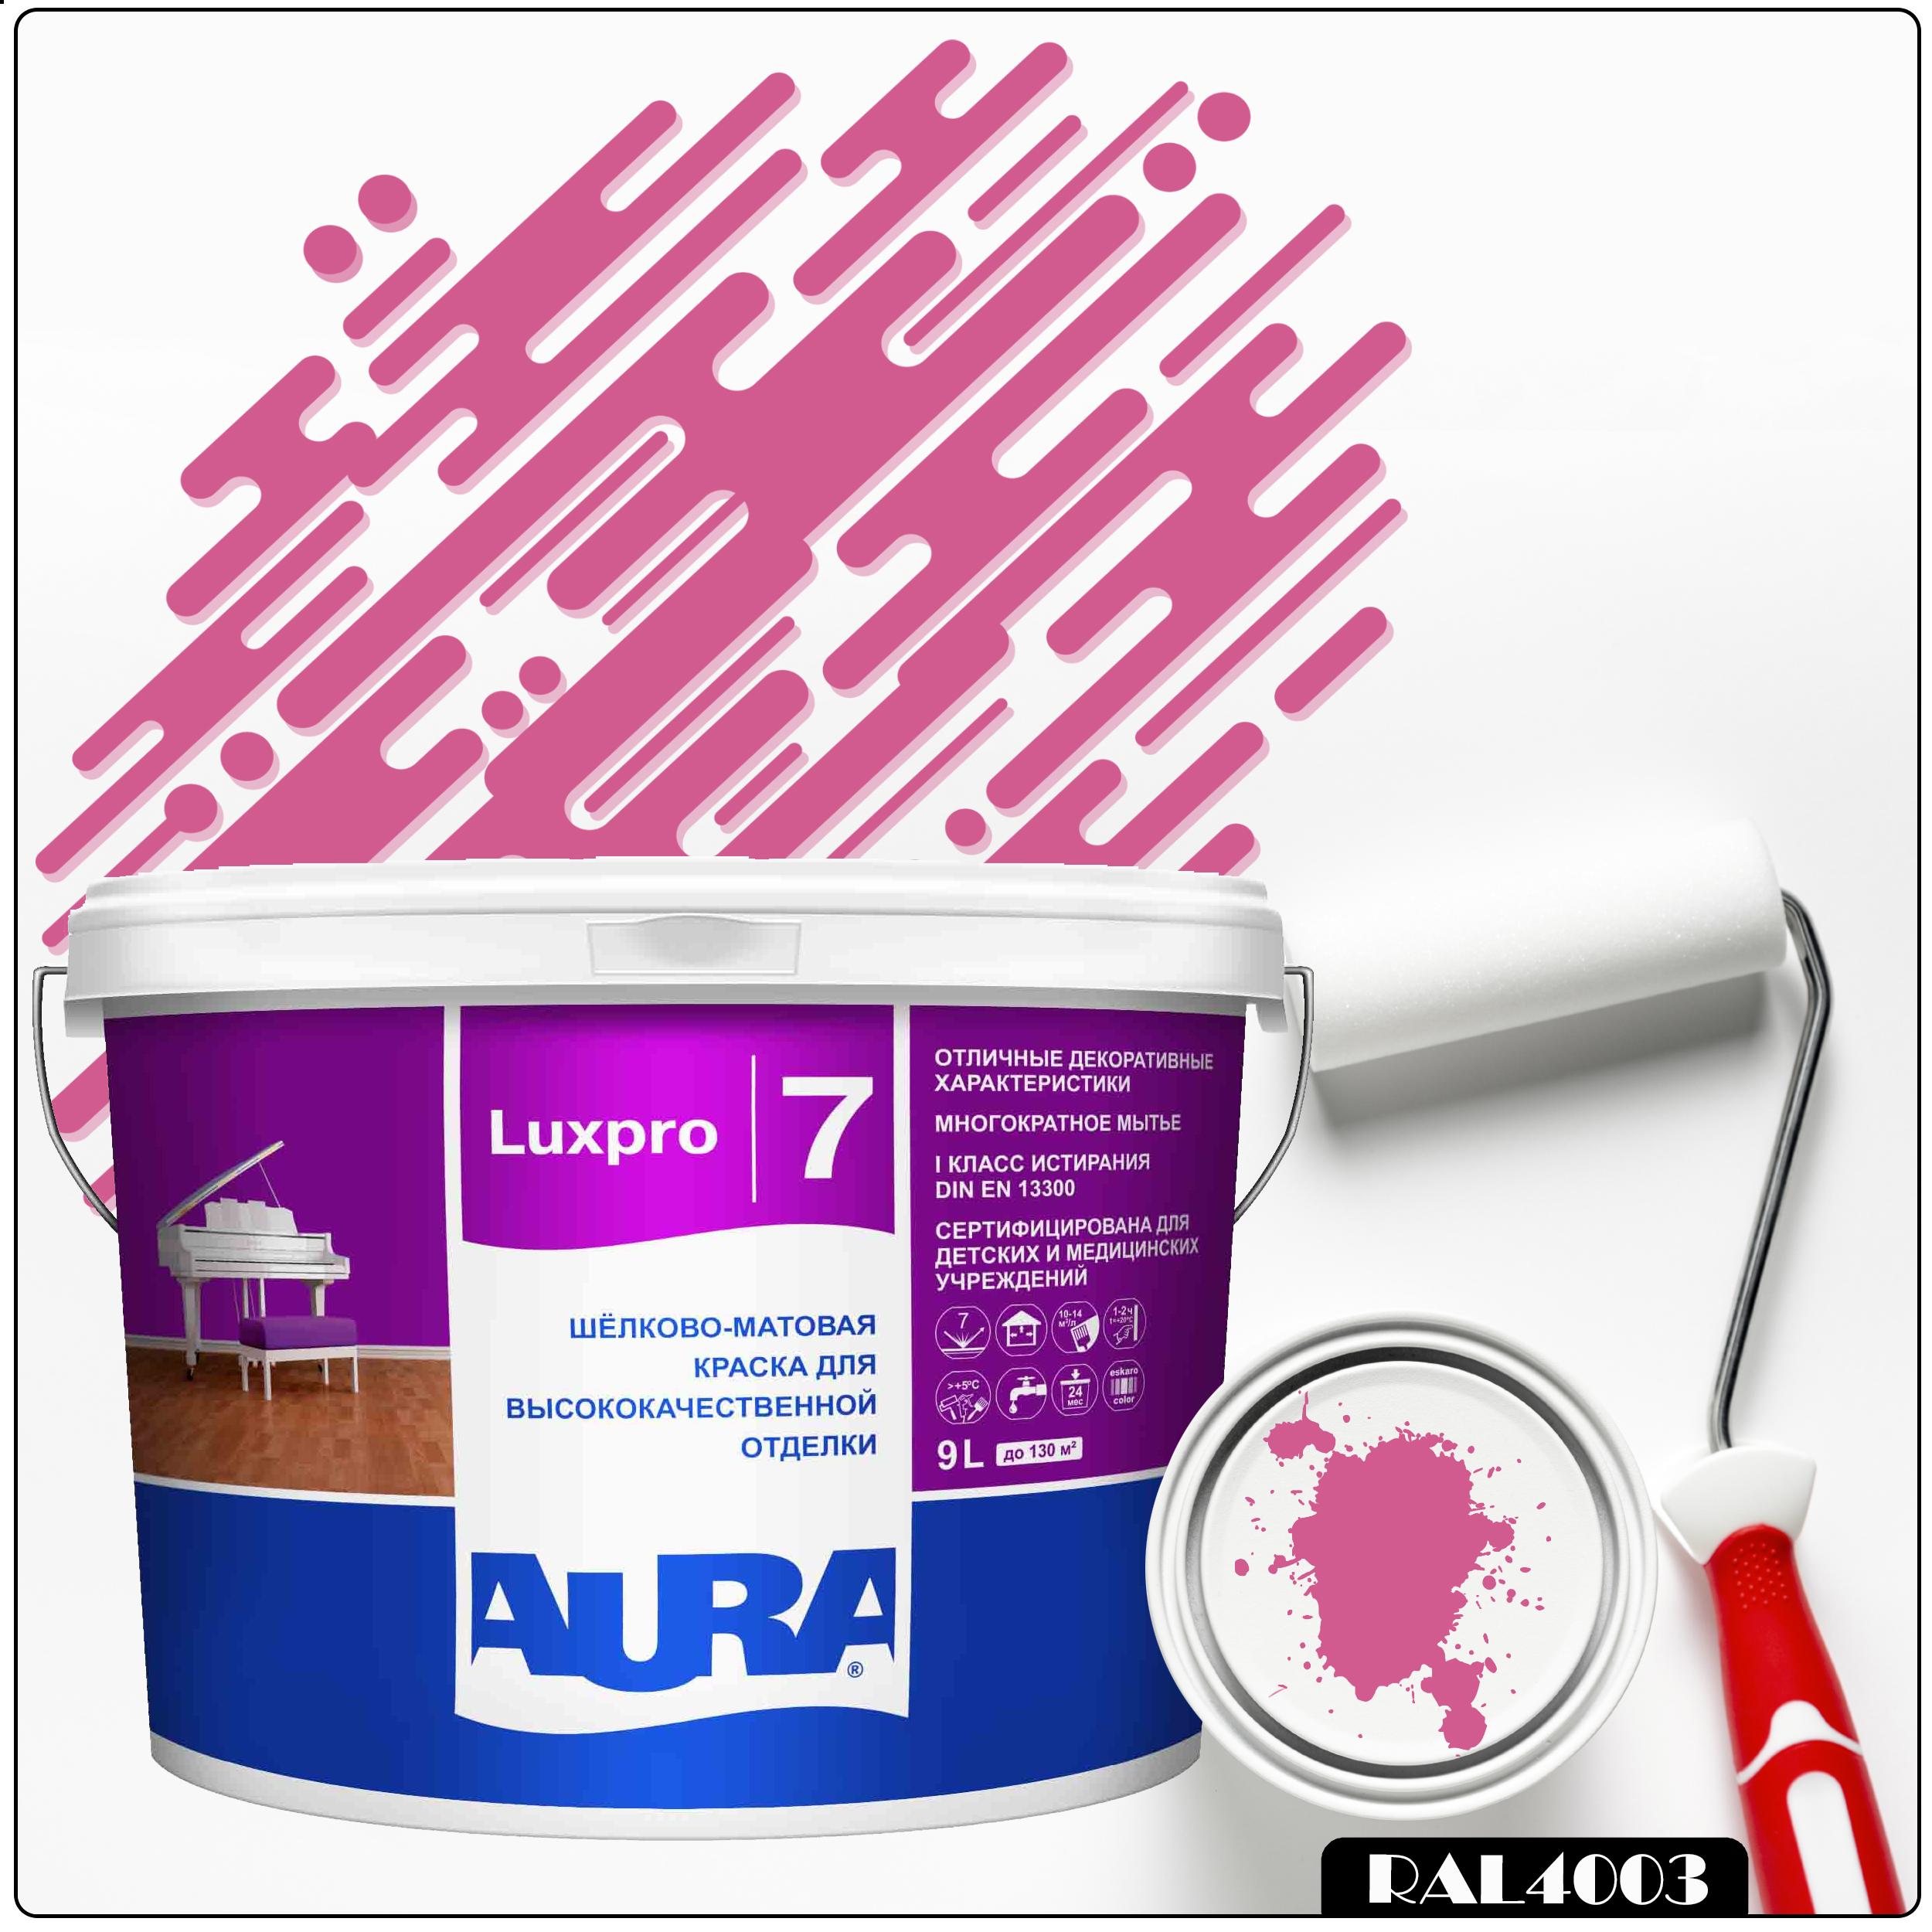 Фото 3 - Краска Aura LuxPRO 7, RAL 4003 Вересково-фиолетовый, латексная, шелково-матовая, интерьерная, 9л, Аура.